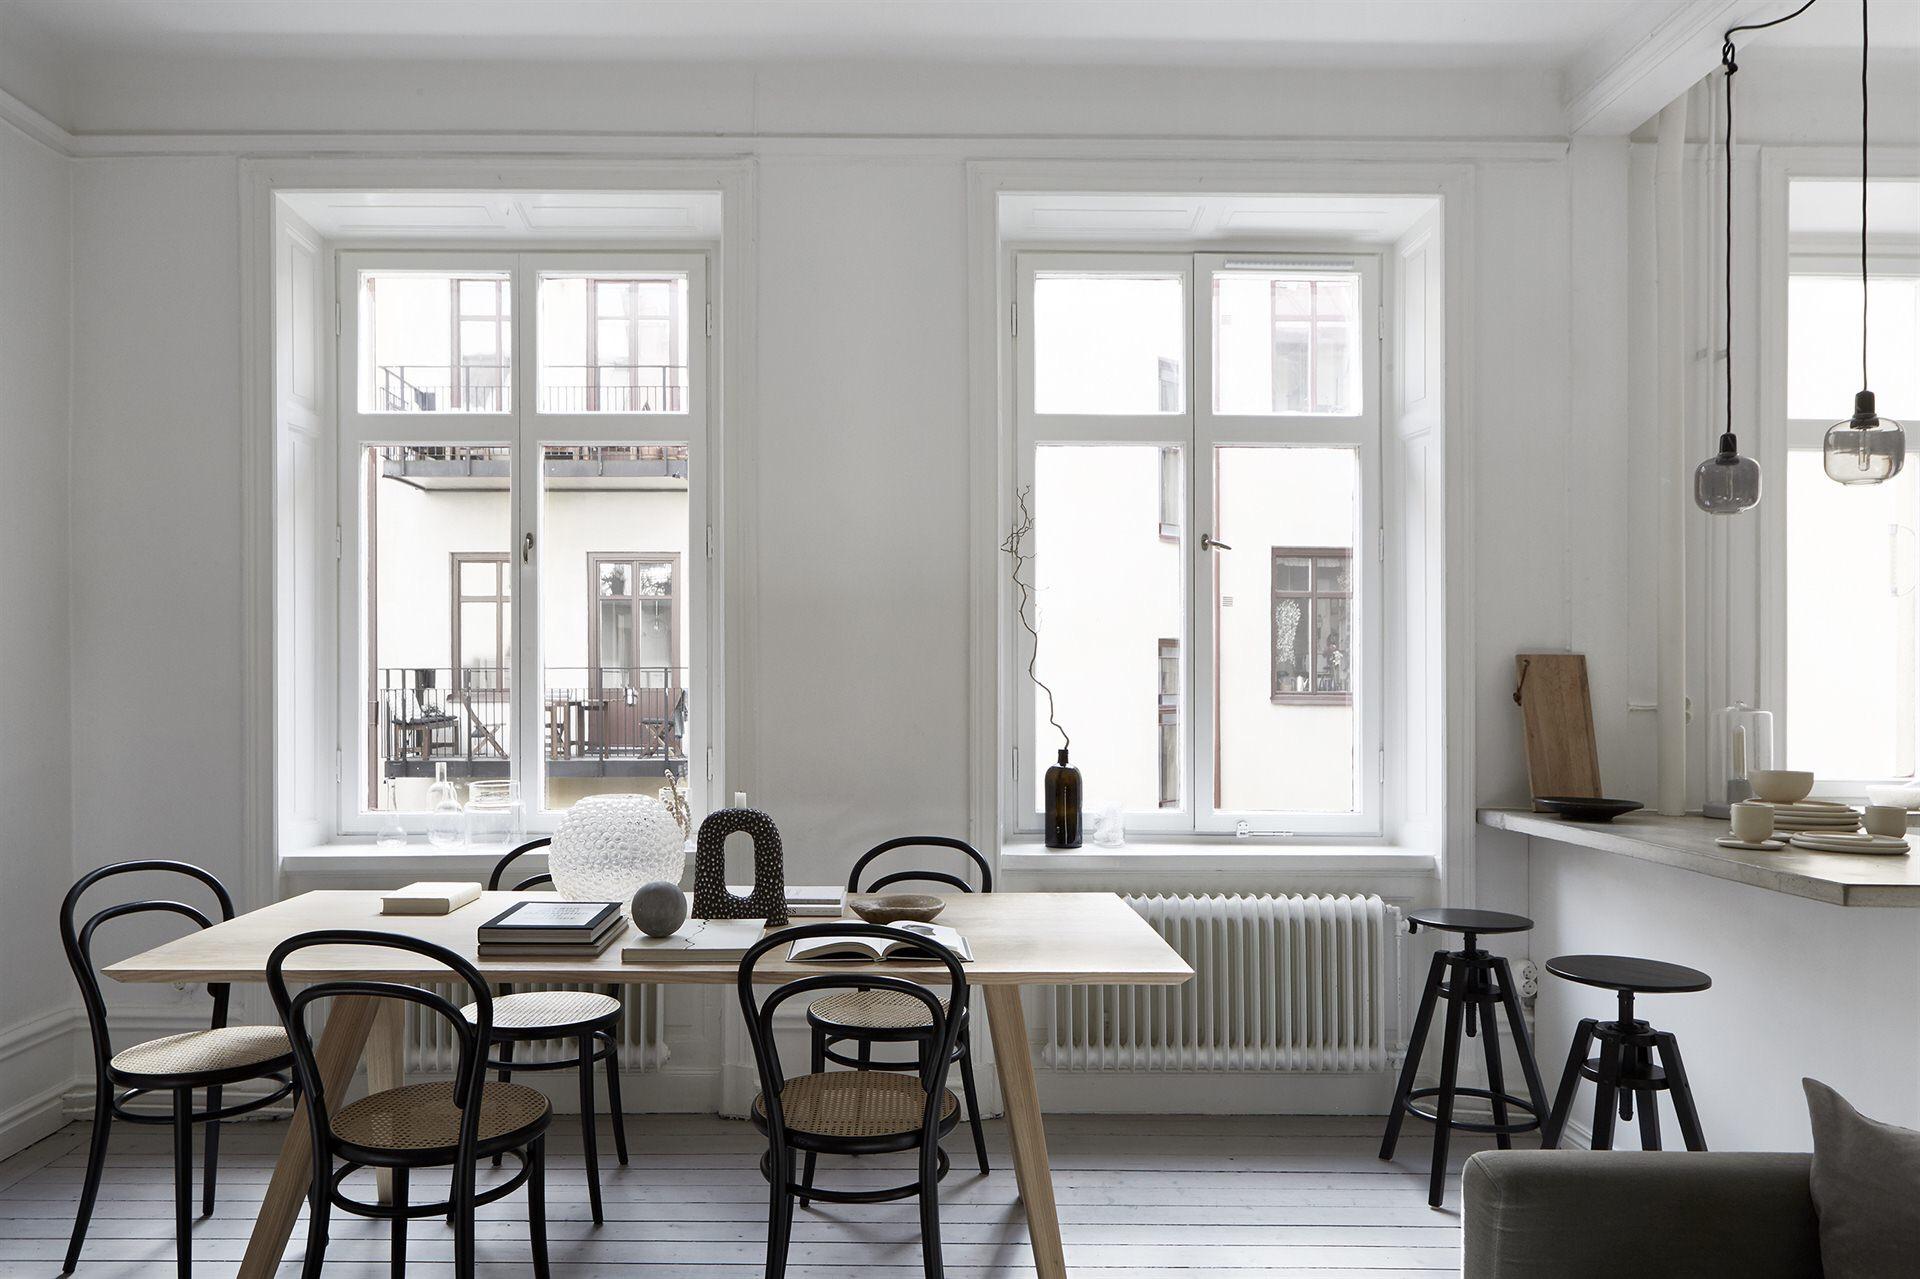 кухонный остров барные стулья обеденный стол стулья окно наличники